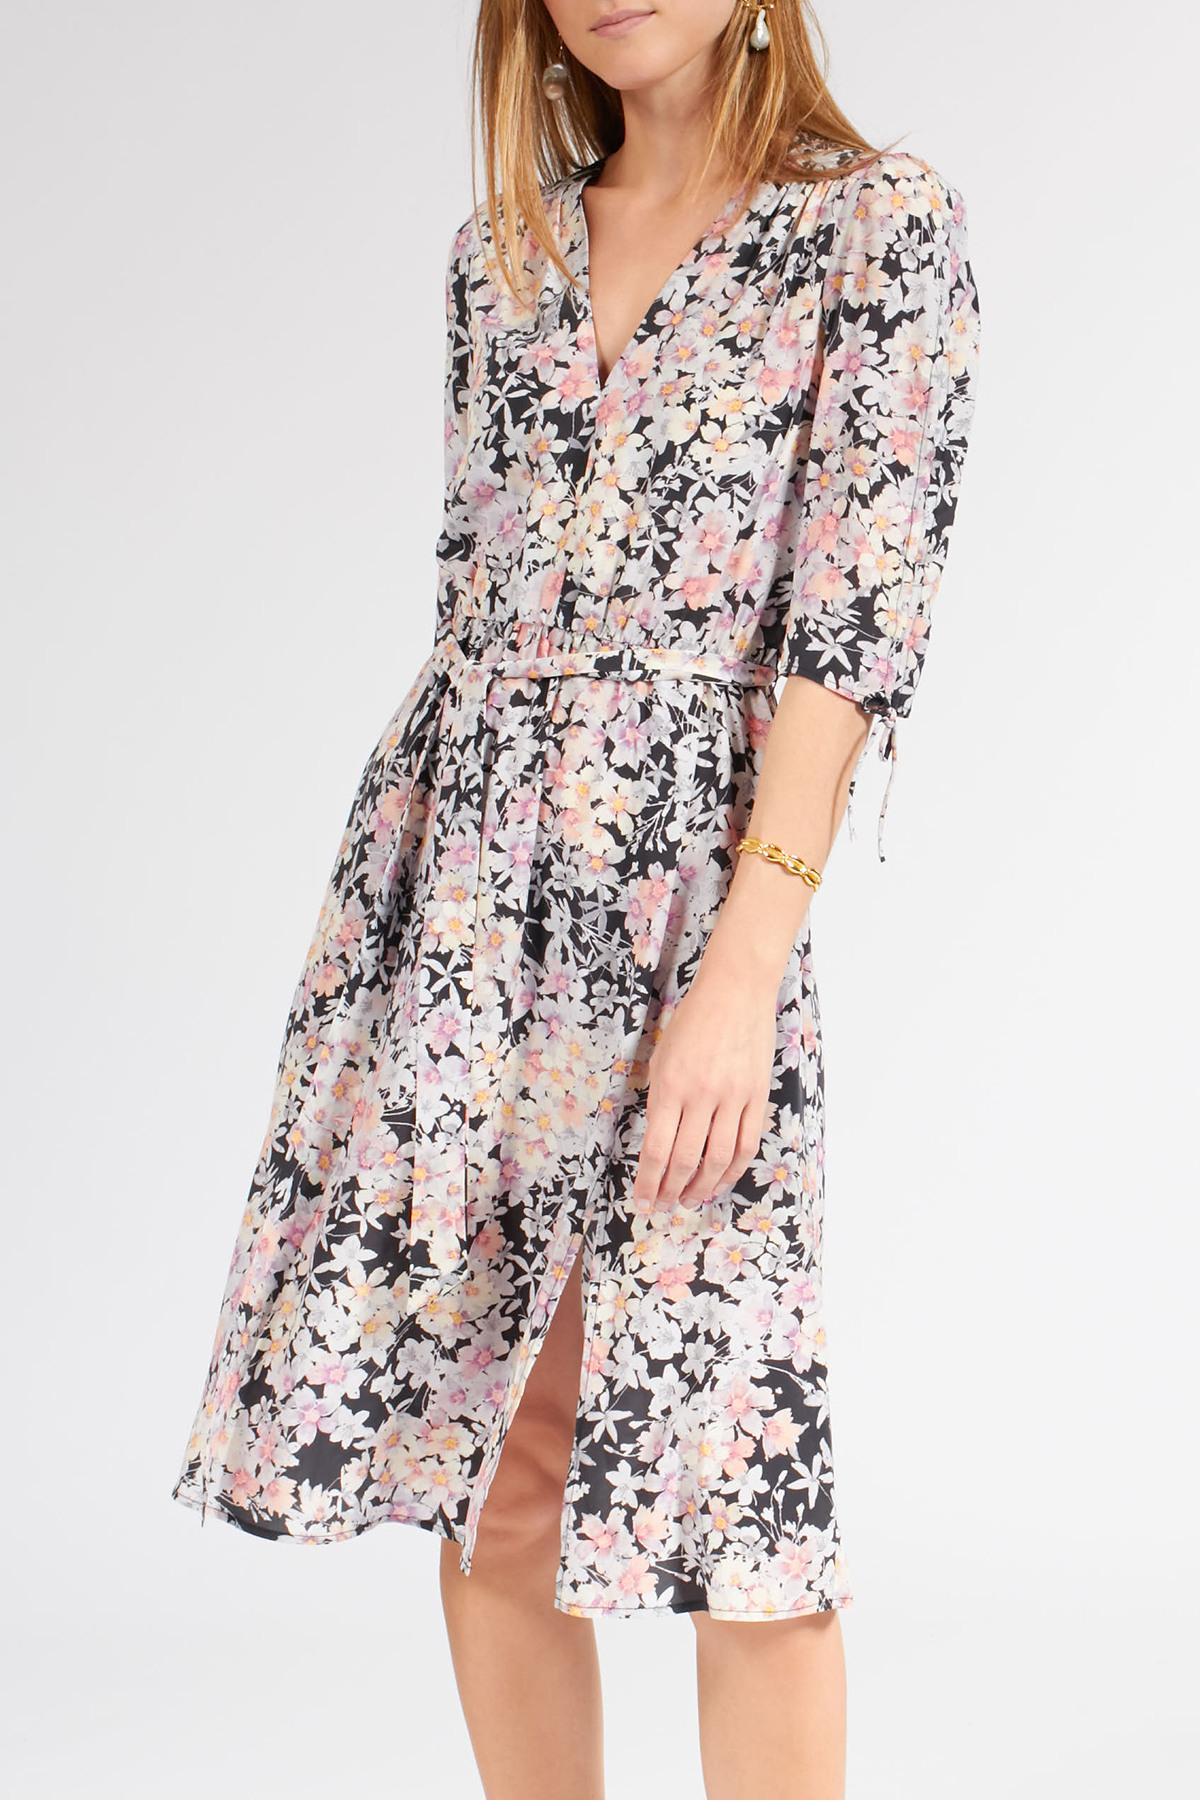 Floral Gemustertes Kleid Aus Seidenstretch  Jadicted